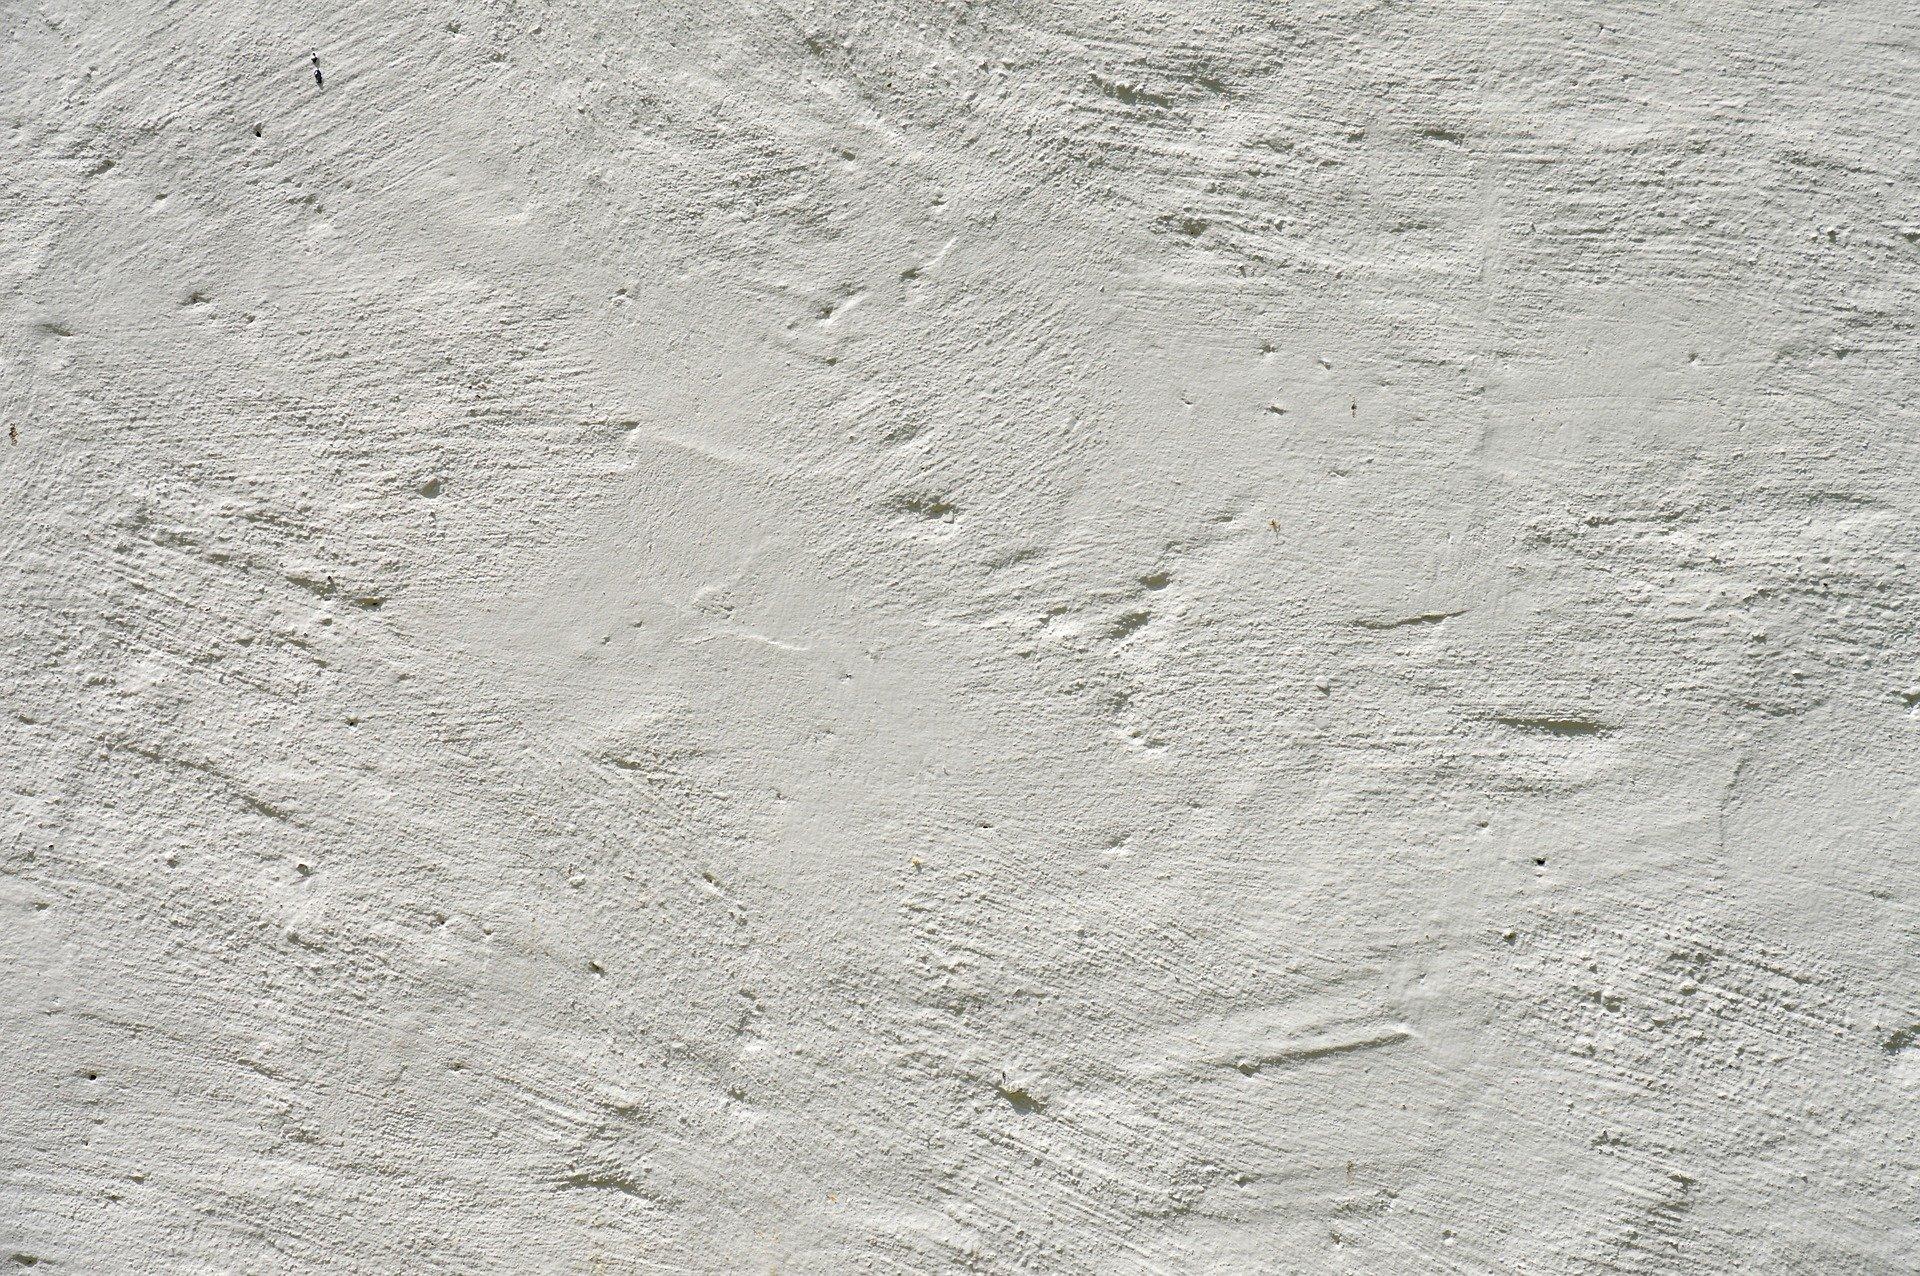 Tynk i jego tekstura na ścianie